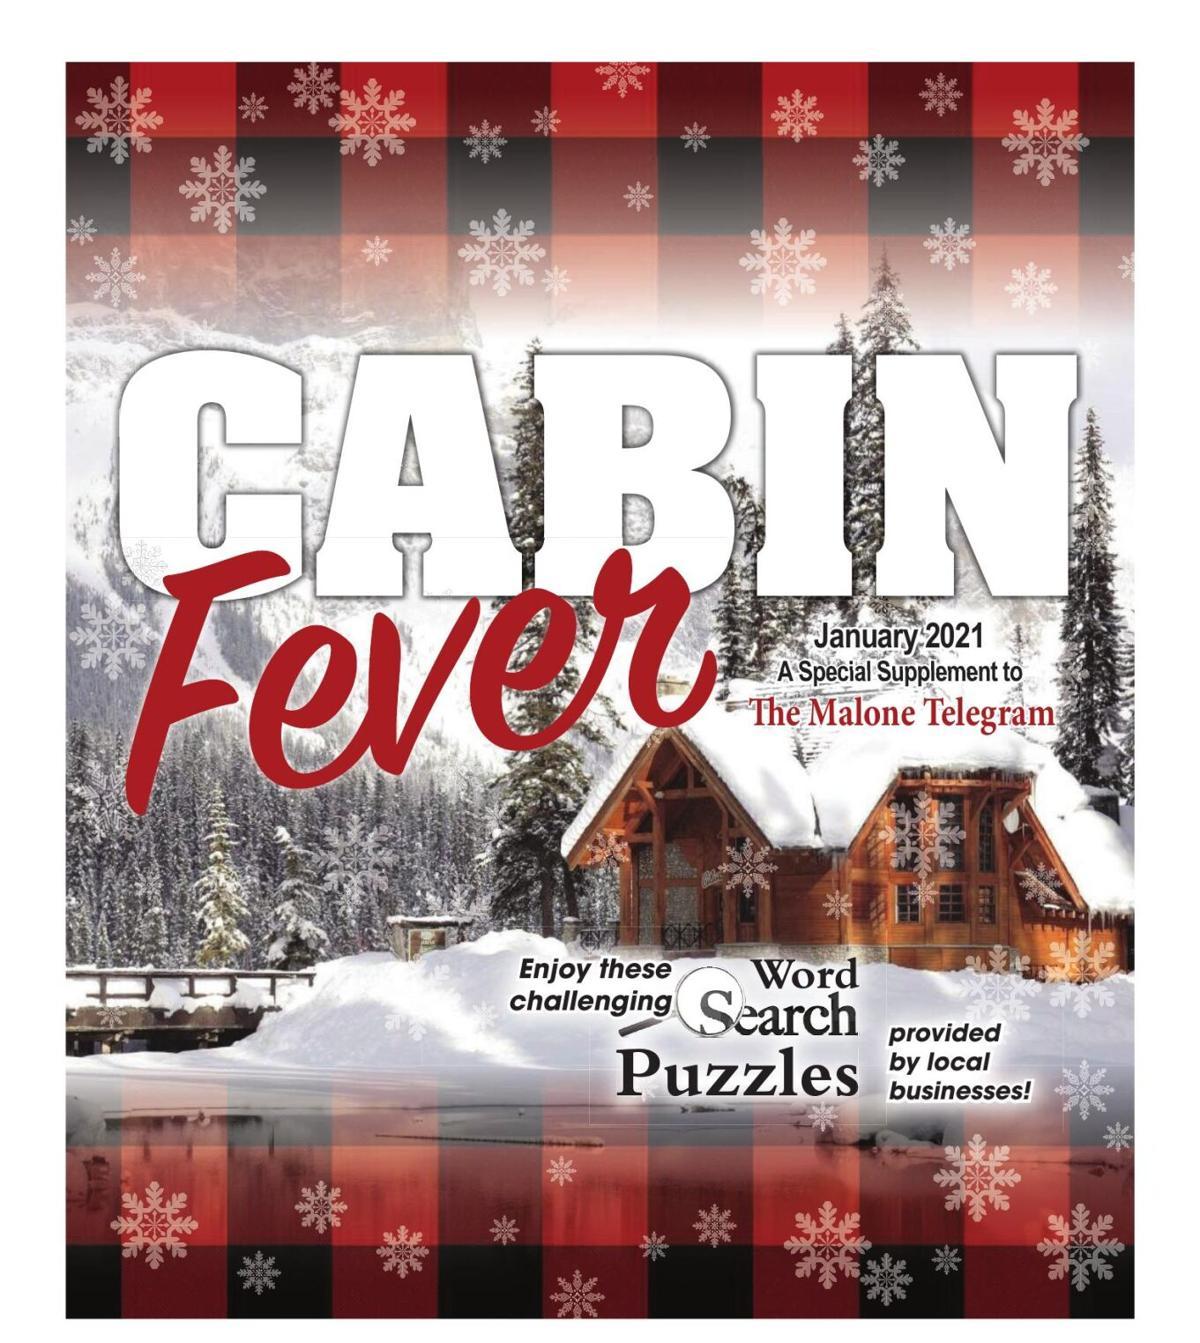 2021 Cabin Fever